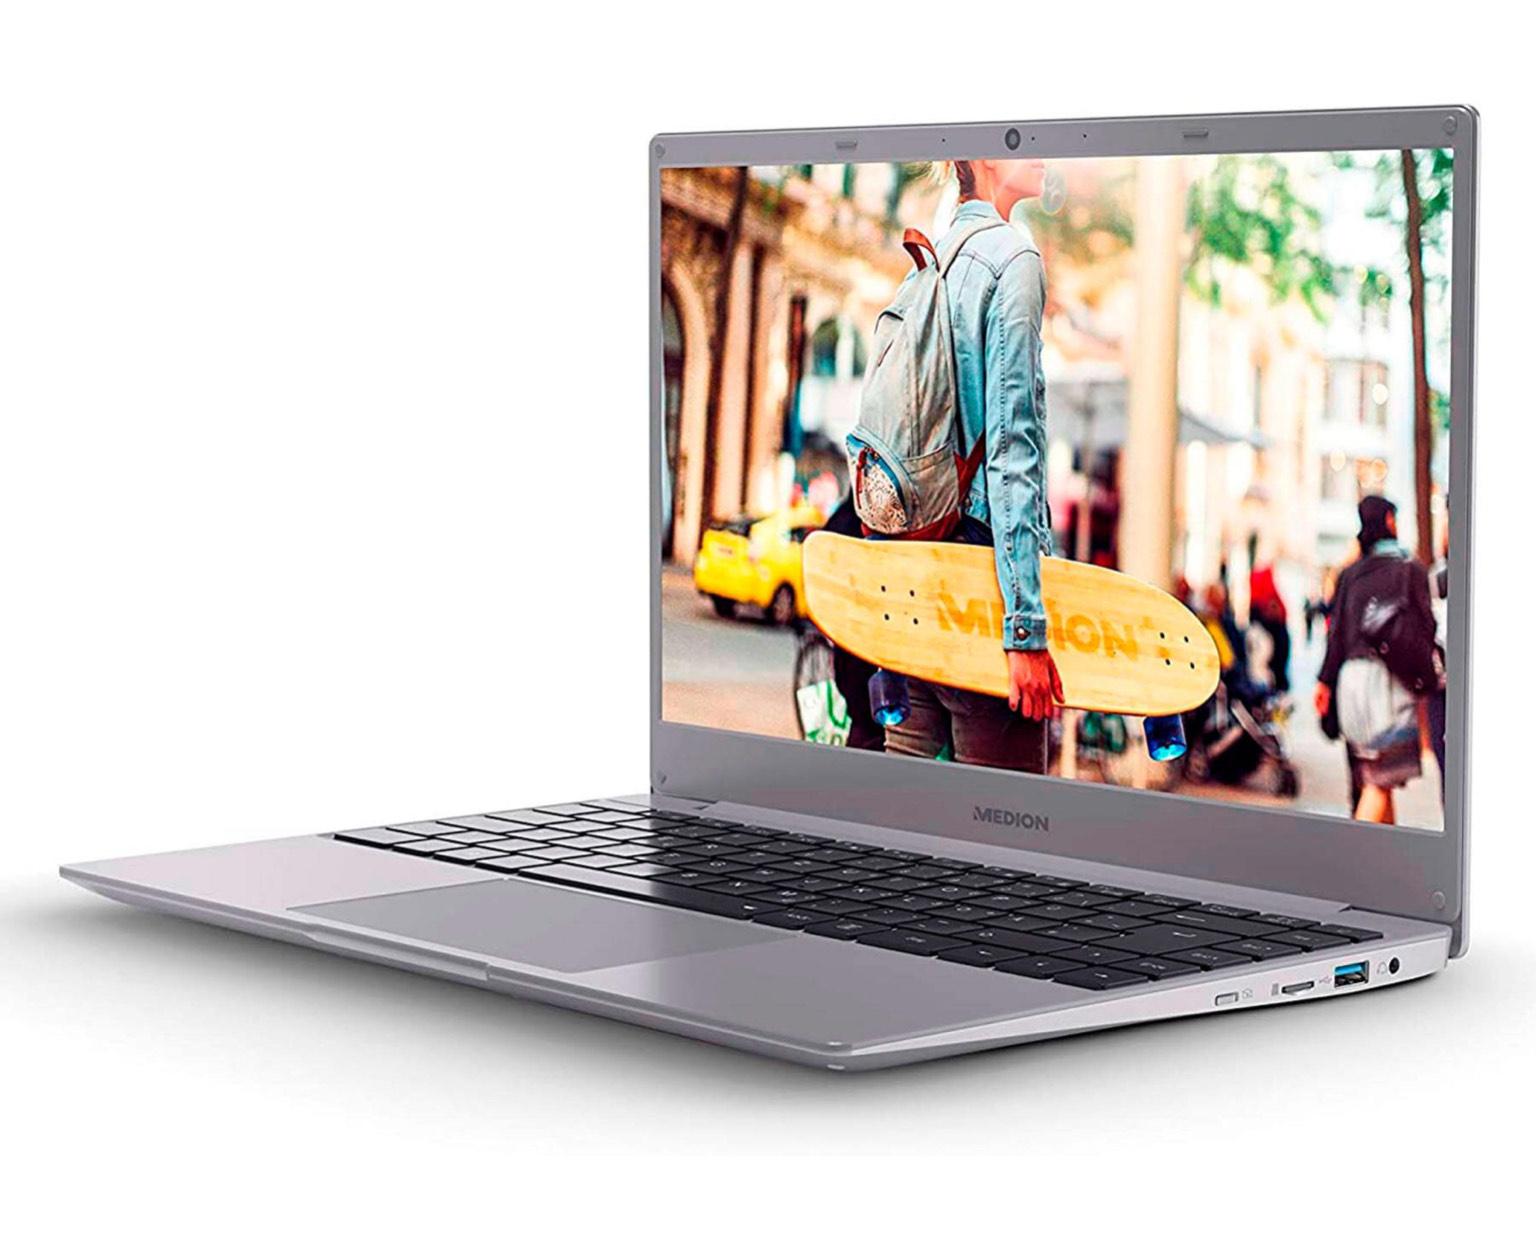 MEDION AKOYA E15301 PORTÁTIL 15.6'' FullHD IPS RYZEN 3 3200U 256GB SSD 8GB RAM HDMI USB FREEDOS